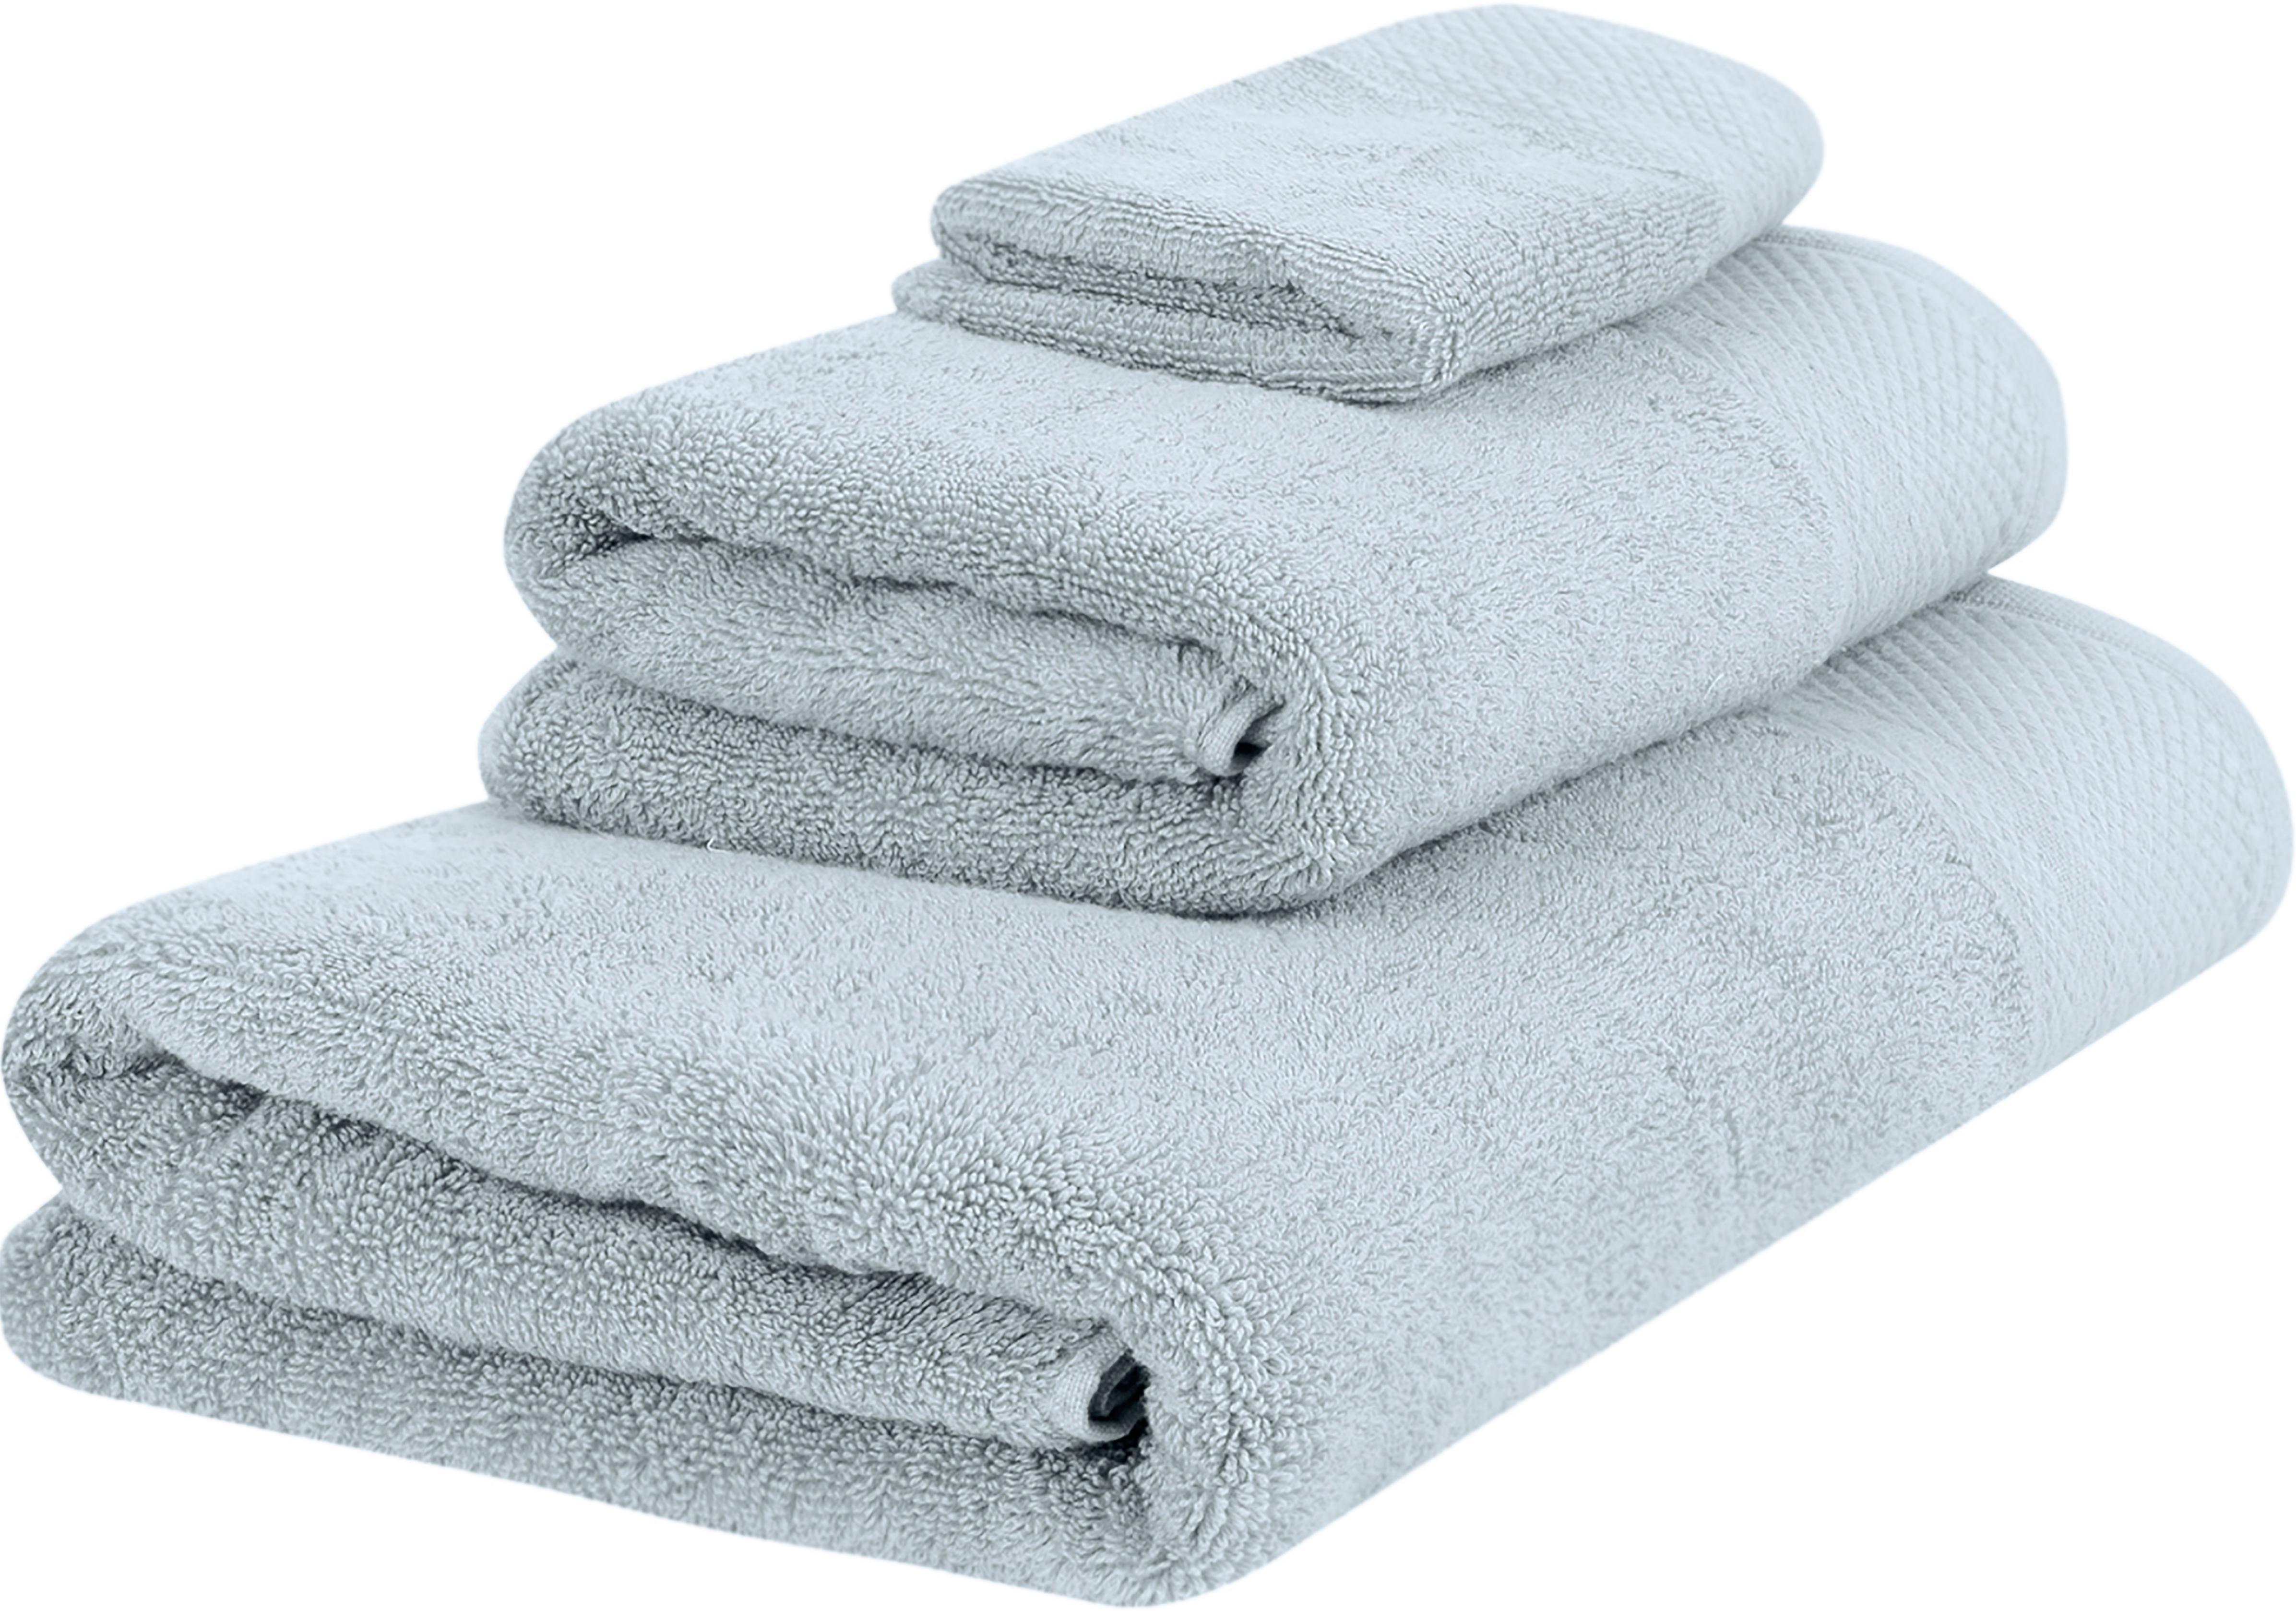 Handtuch-Set Premium mit klassischer Zierbordüre, 3-tlg., Hellblau, Sondergrößen